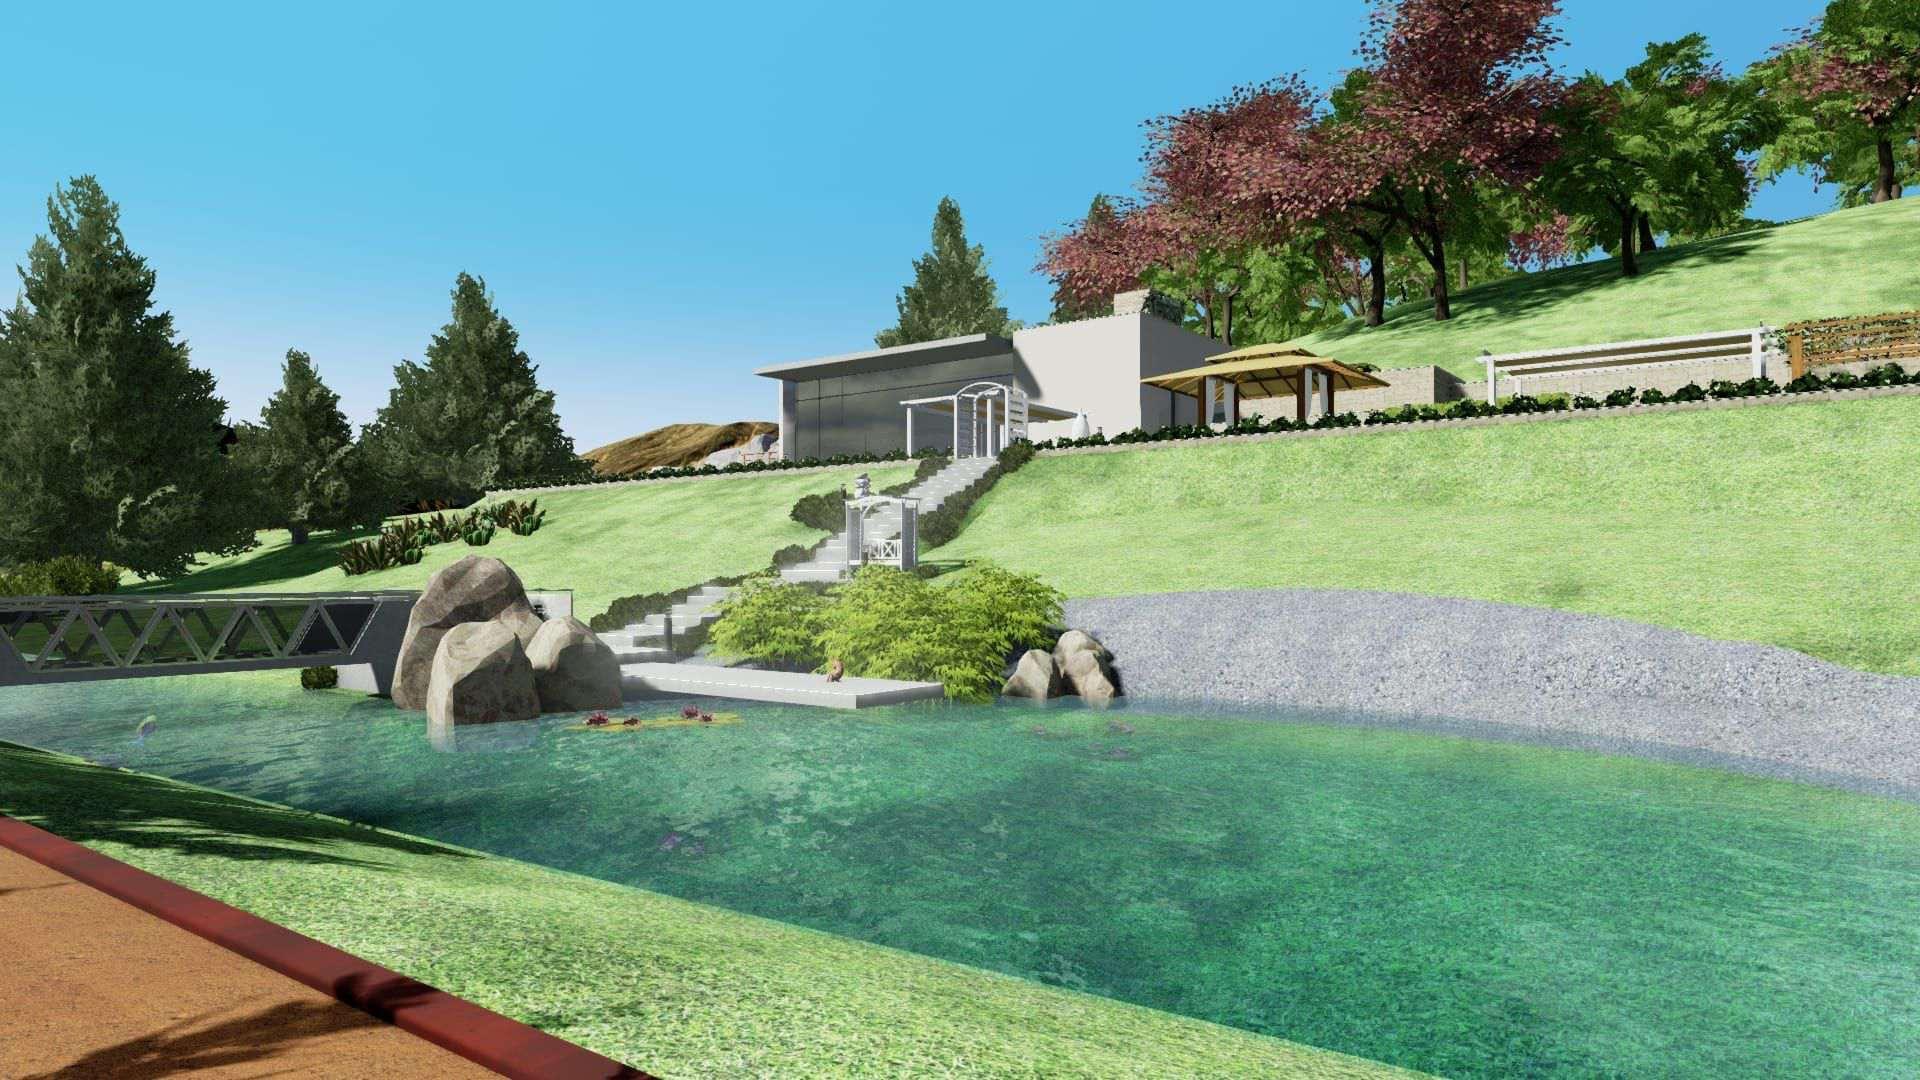 progettazione giardini e paesaggio biblus net